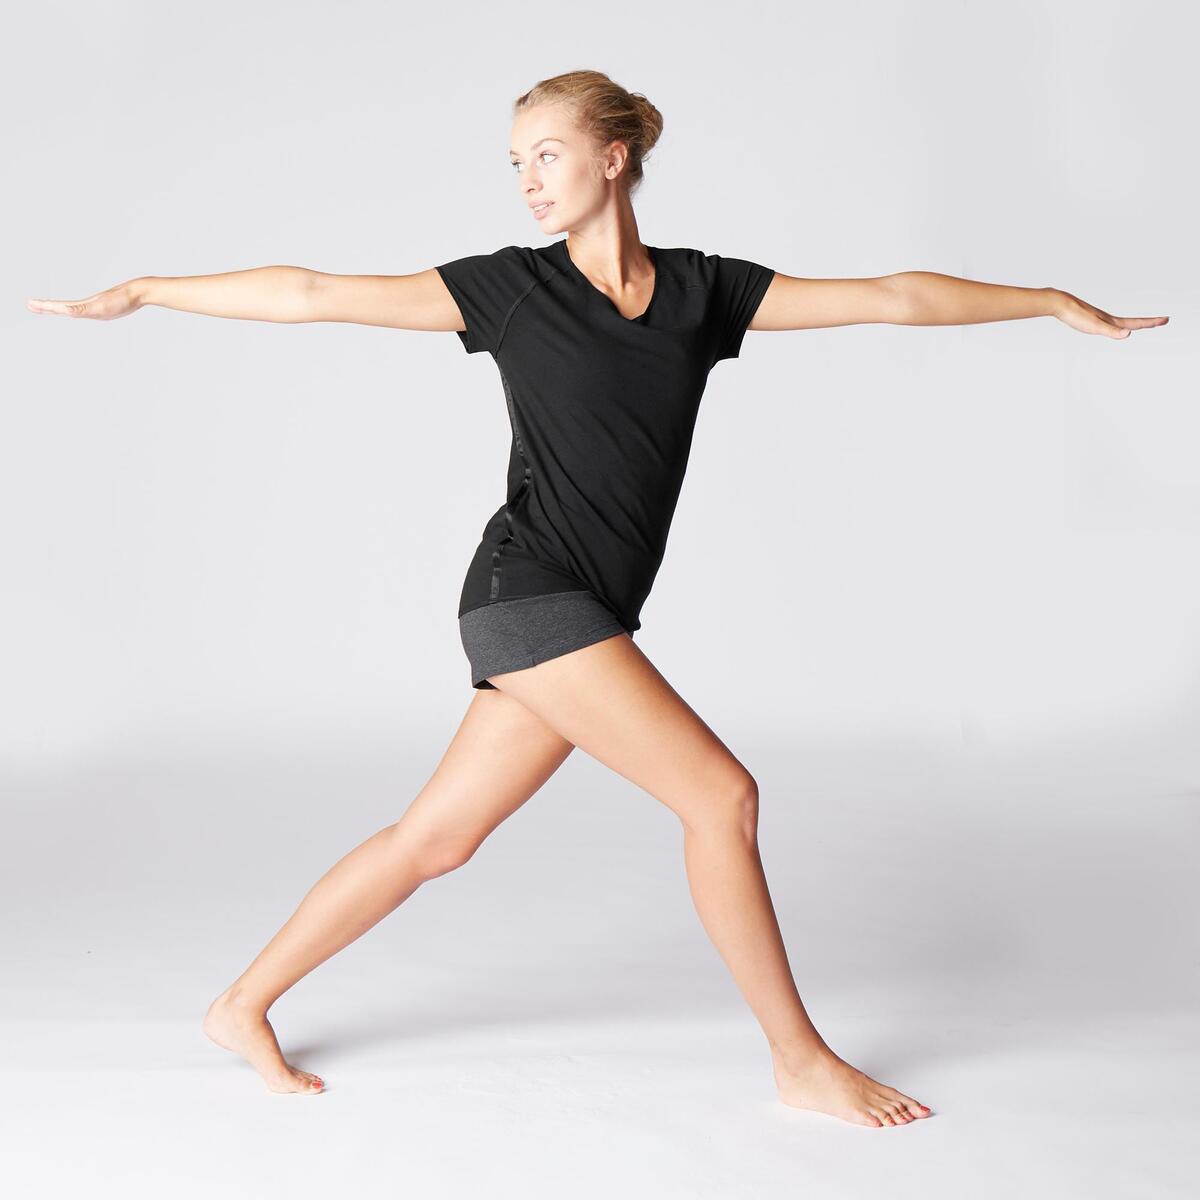 Bild 3 von T-Shirt sanftes Yoga aus Baumwolle aus biologischem Anbau Damen schwarz